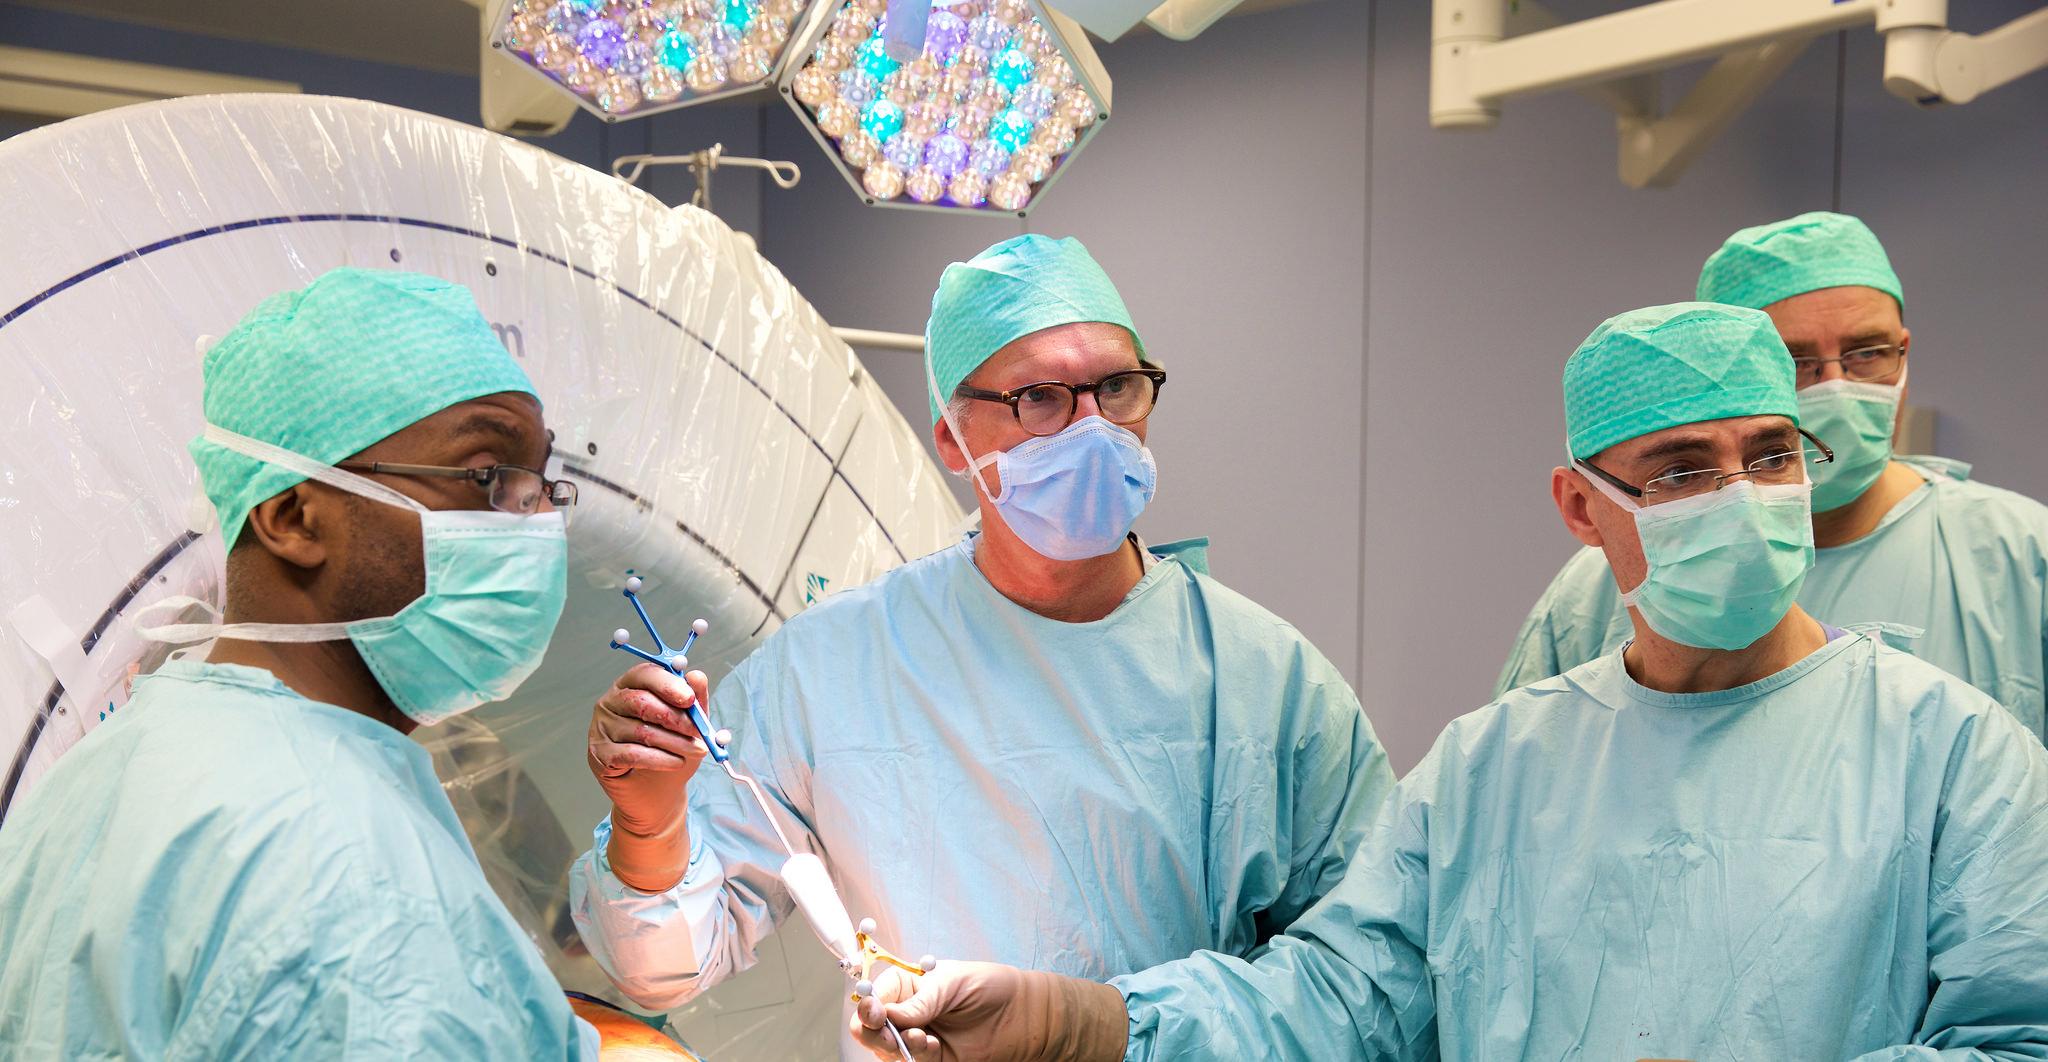 Le  Dr Jerry Kieffer  (au centre), médecin spécialiste en chirurgie pédiatrique et son équipe.